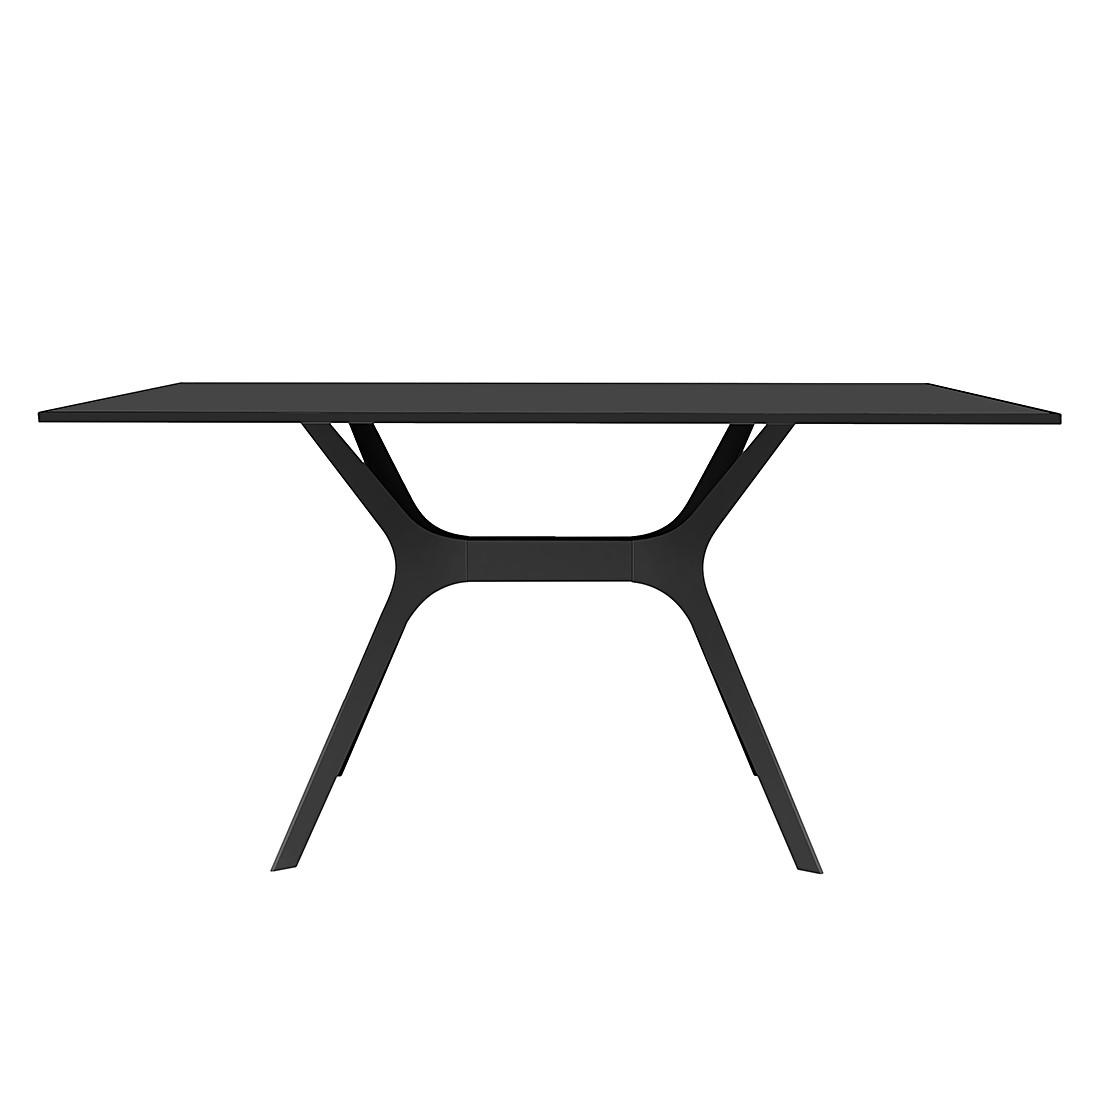 Table à manger Vela II - Noir - 120 x 80 cm, loftscape